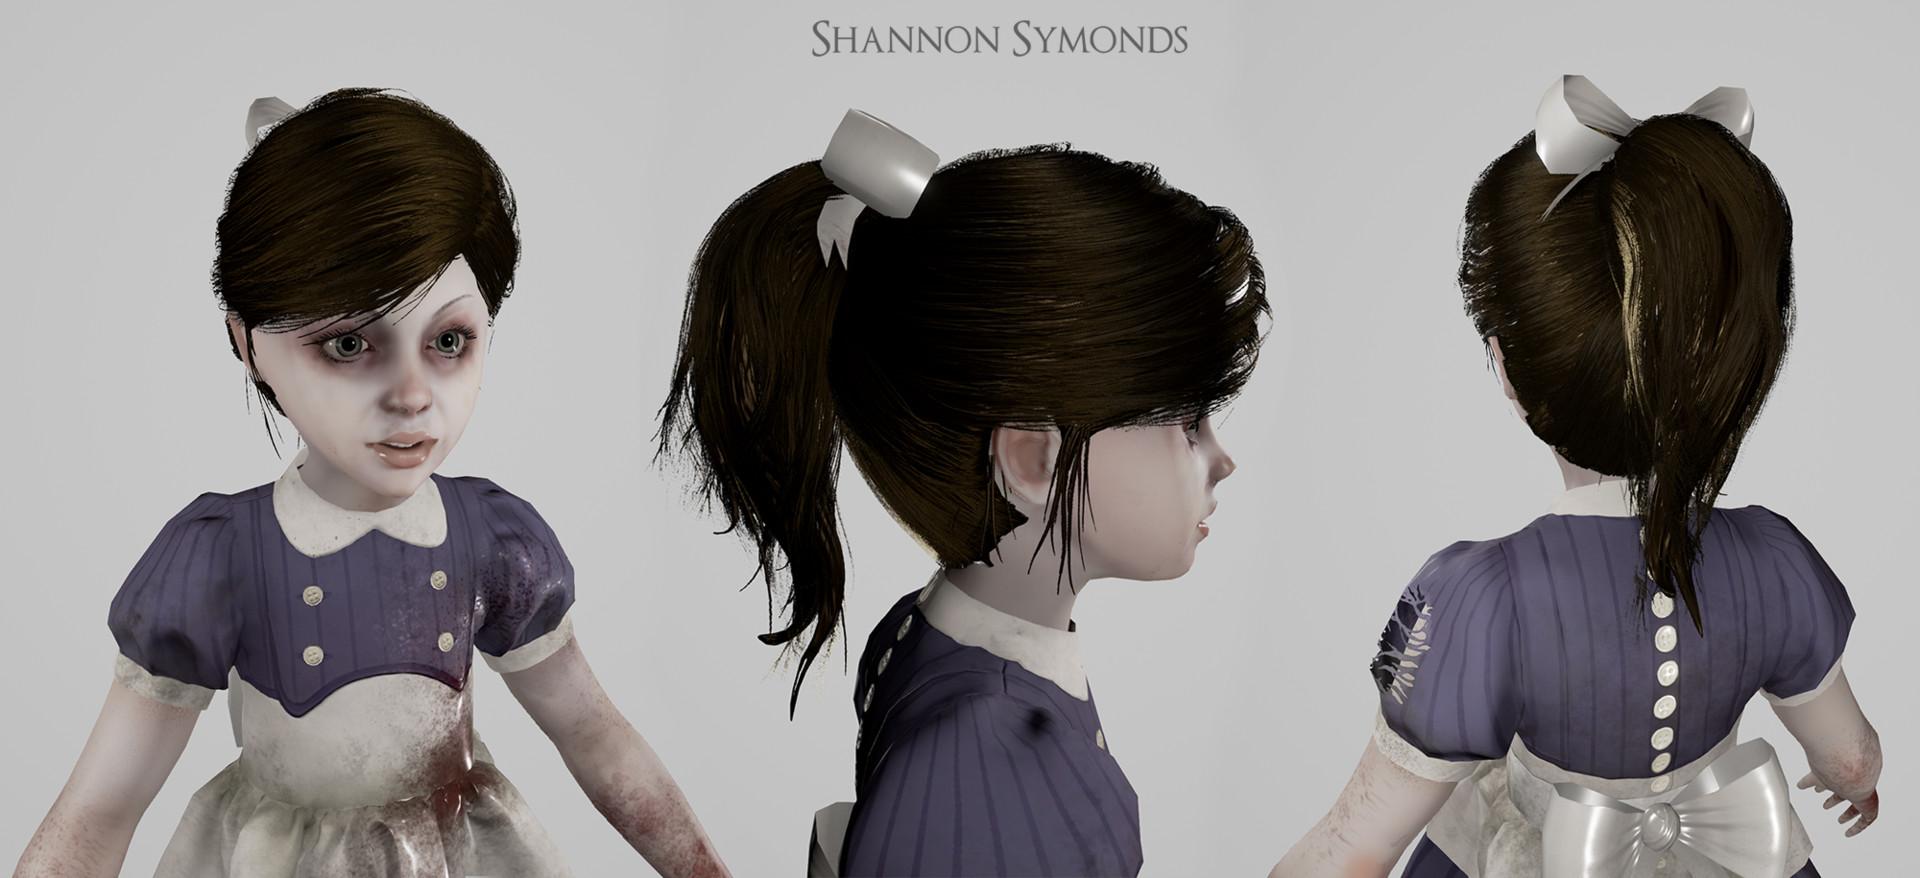 Artstation Little Sister Bioshock 2 Shannon Paisley Symonds